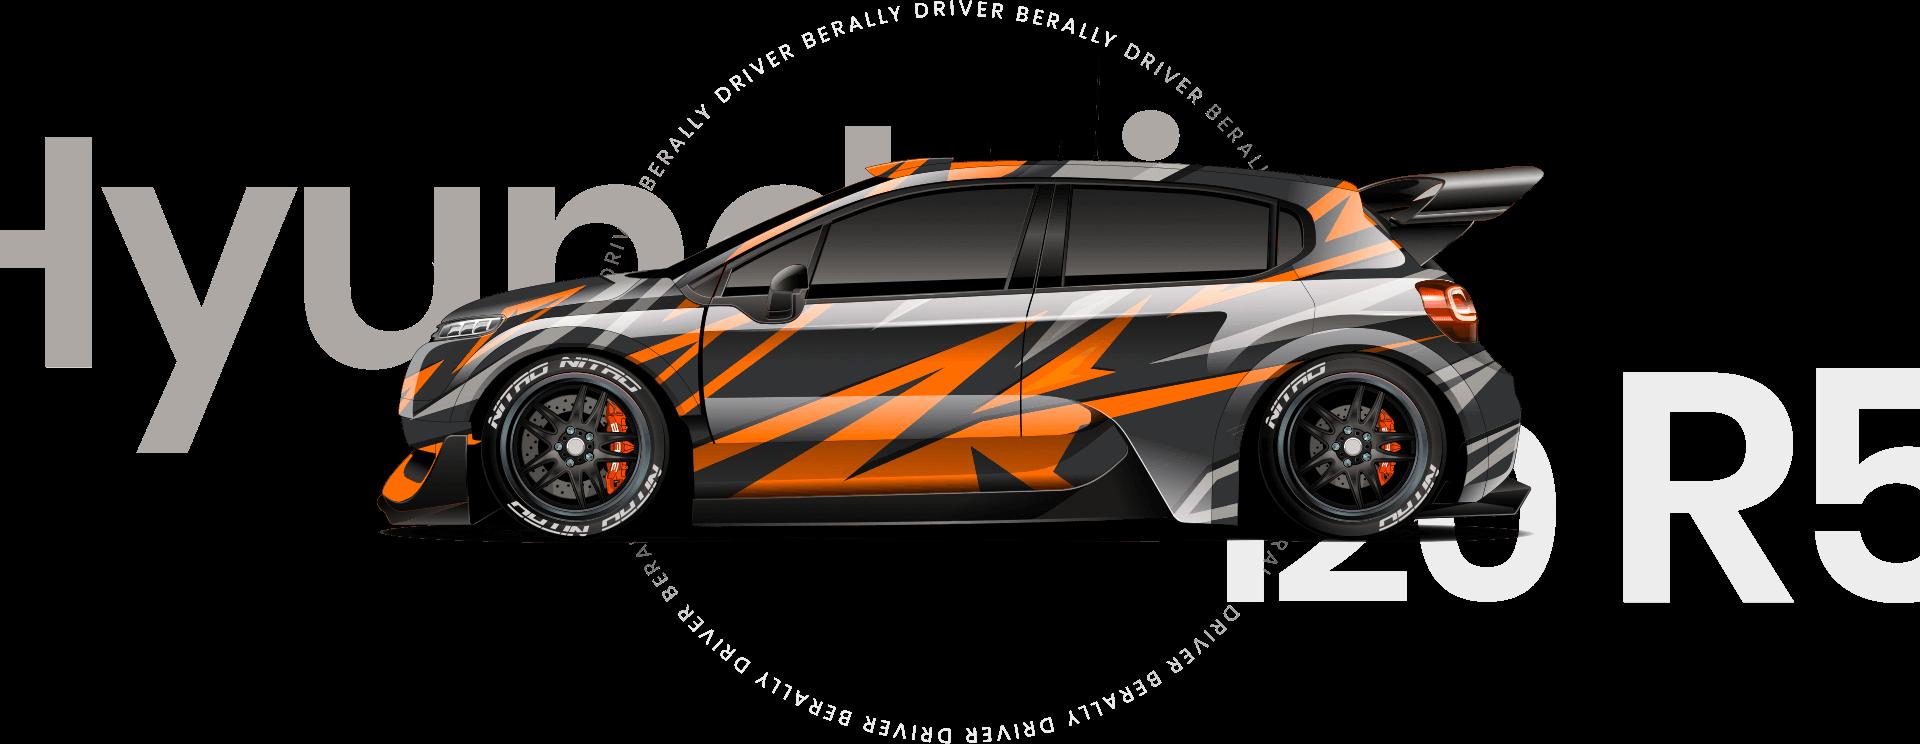 rally big car